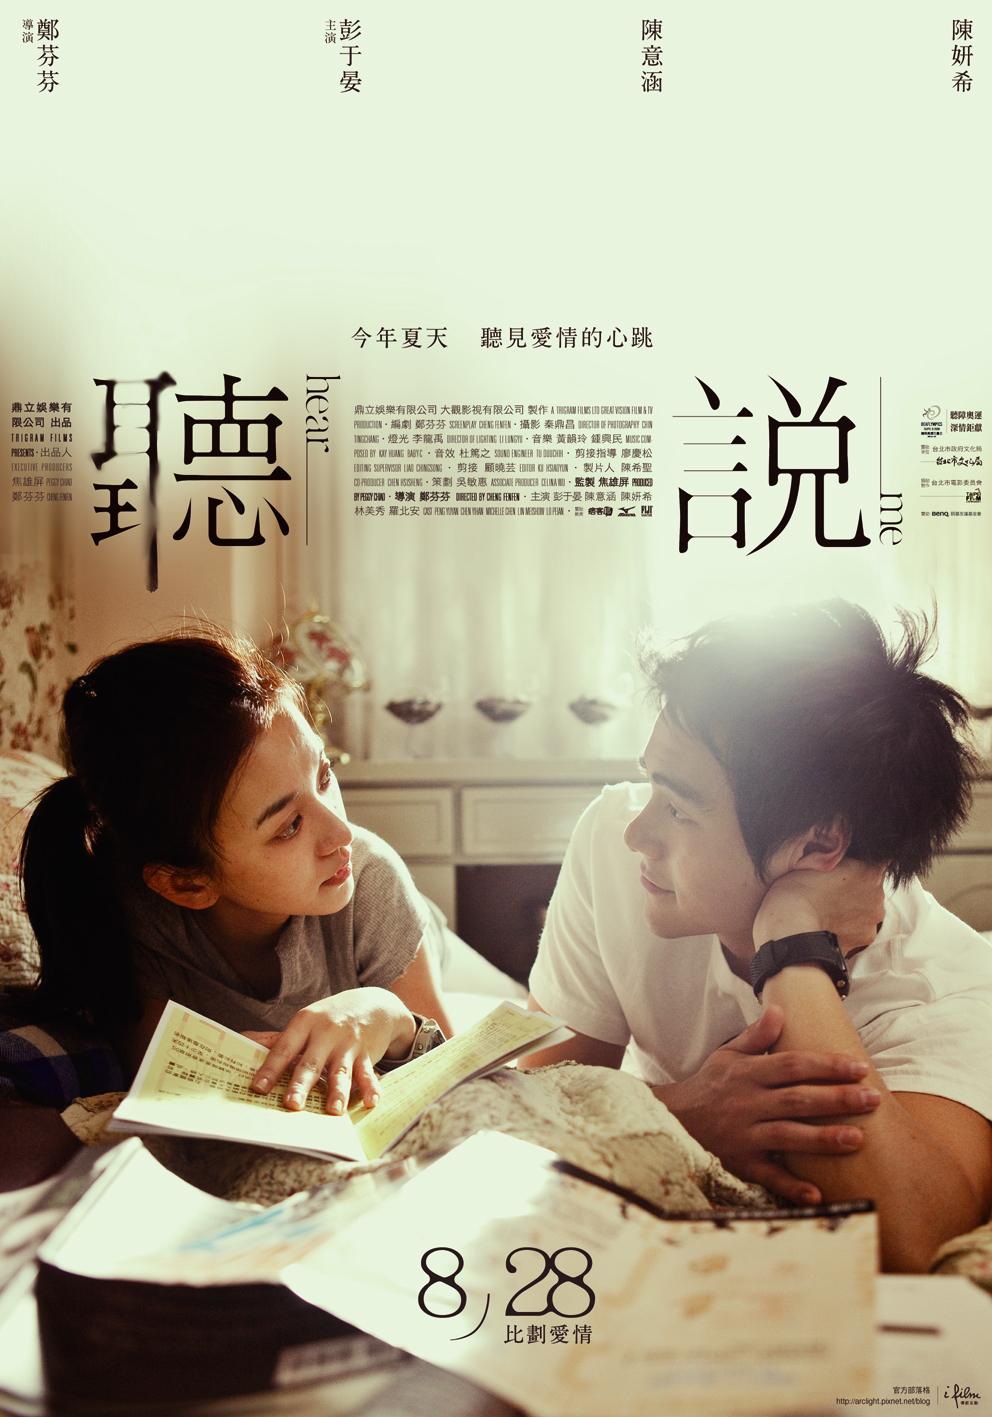 Услышь меня / Hear Me / Ting Shuo / 听说 (Тайвань 2009 год) Kinopoisk.ru-Ting-shuo-1259160